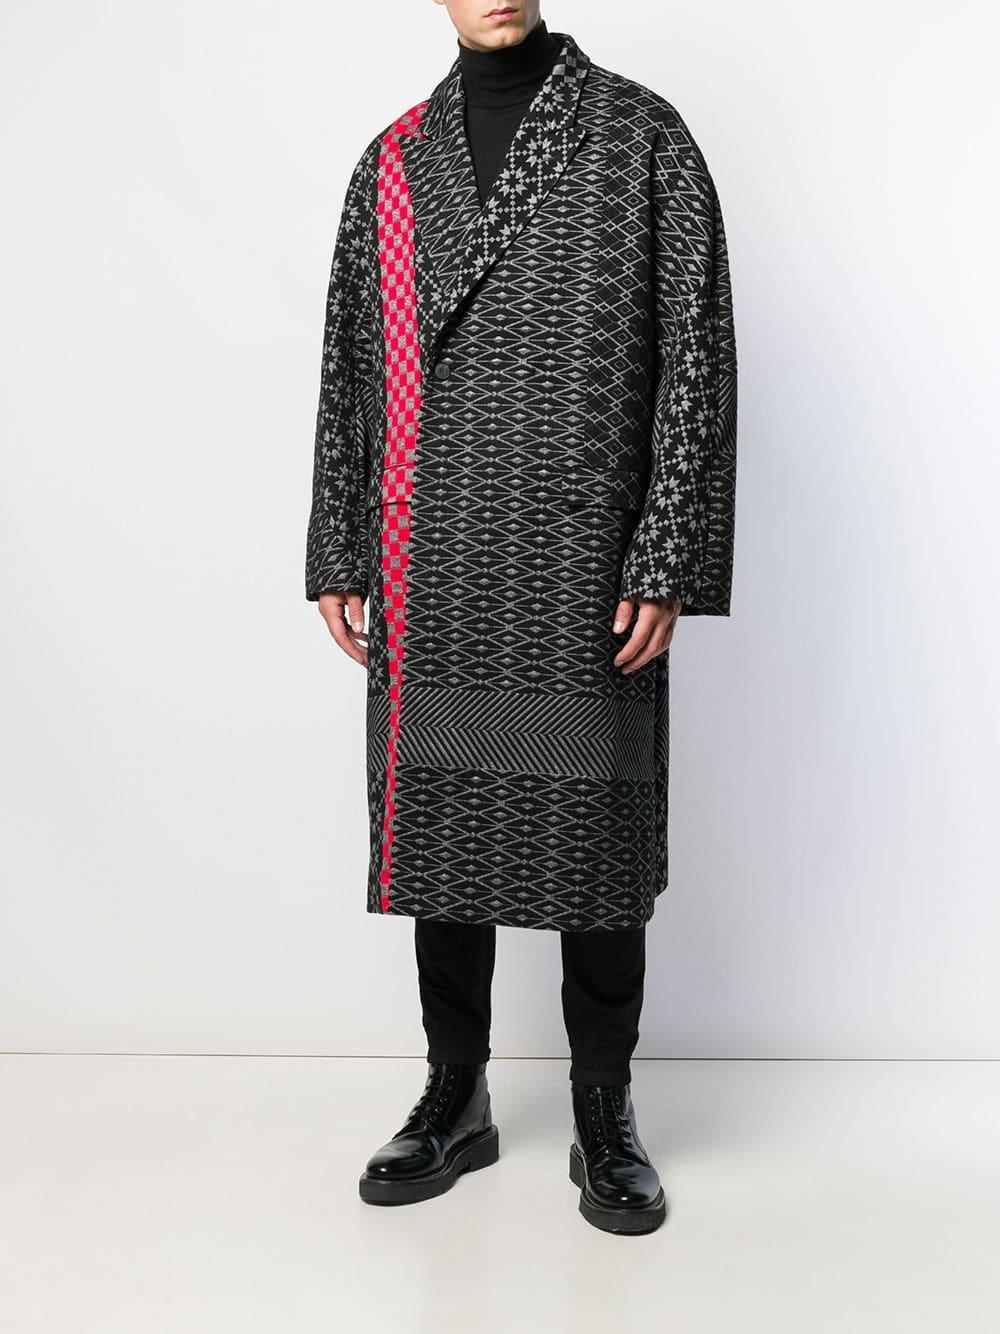 Haider Ackermann Katoen Oversized Jas in het Zwart voor heren